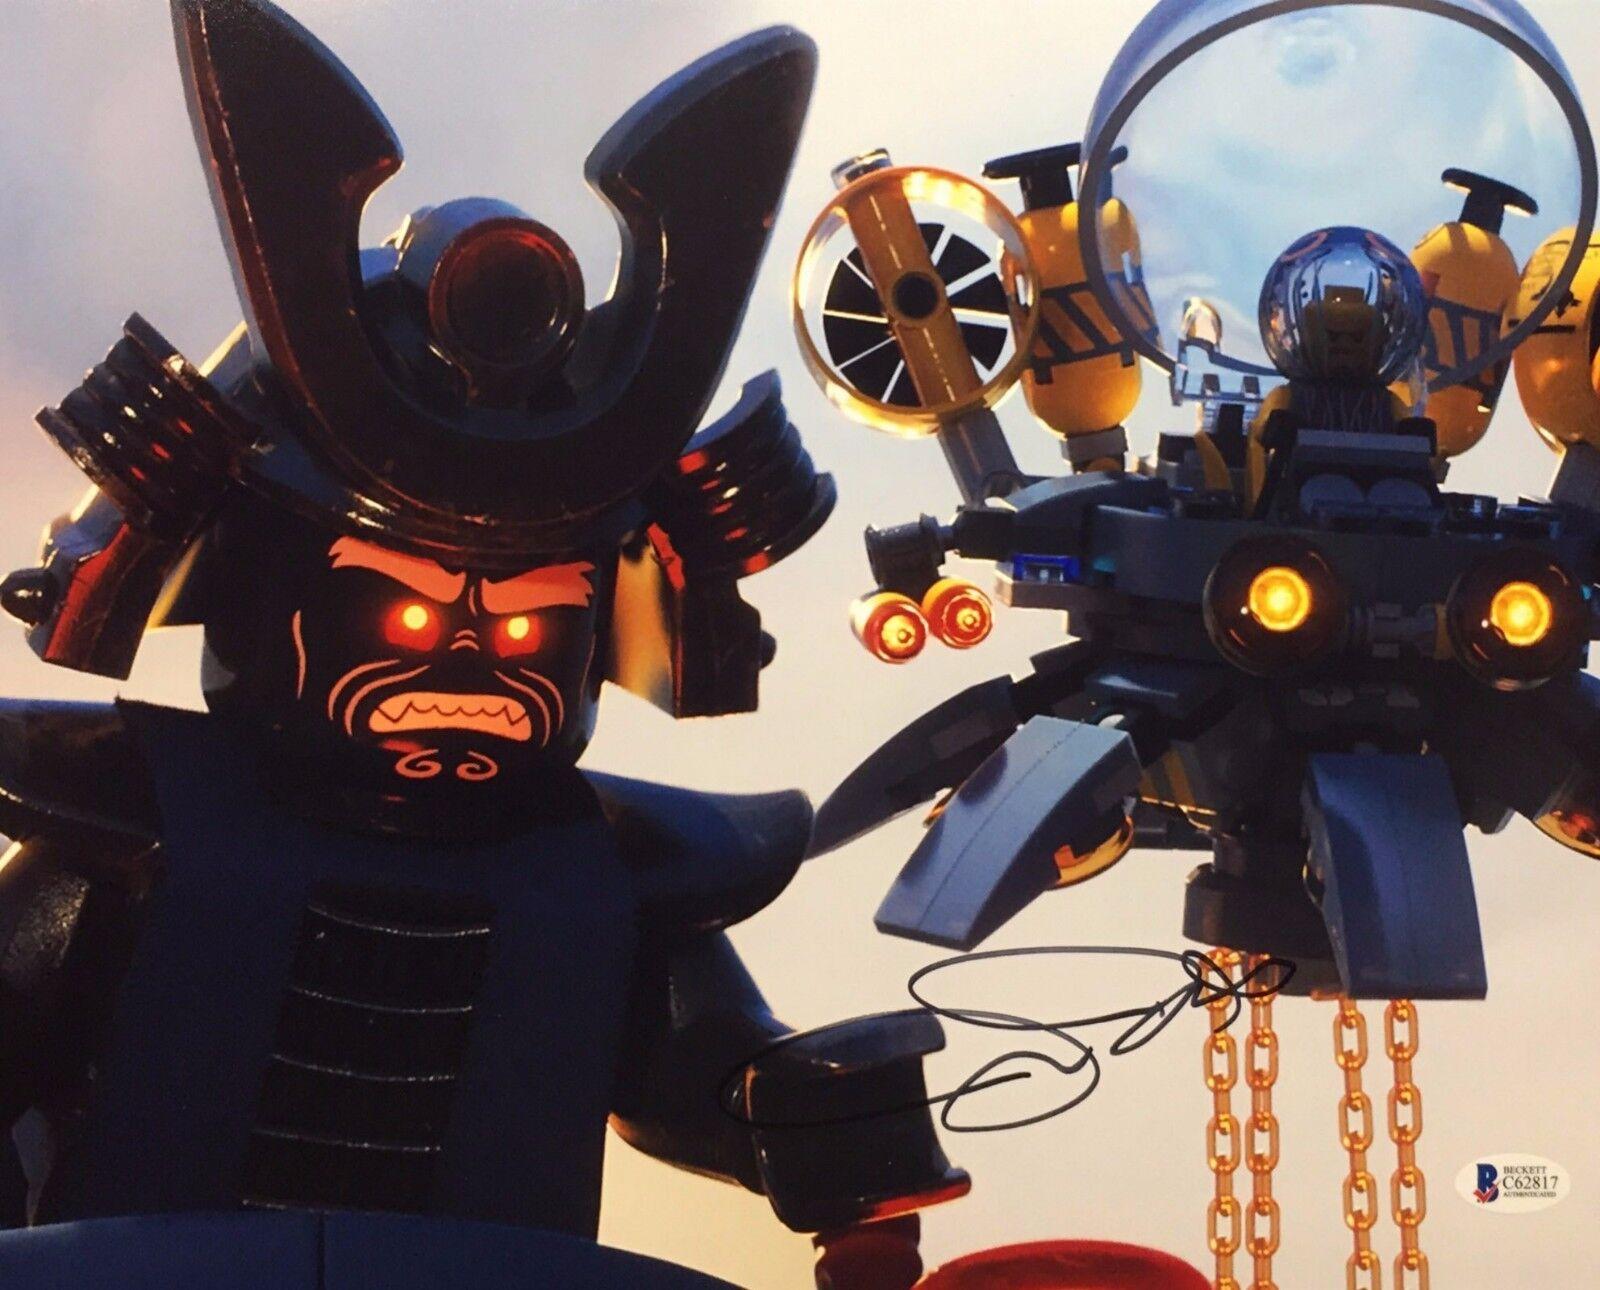 Justin Theroux 'The LEGO Ninjago Movie' 11x14 Photo Beckett C62817